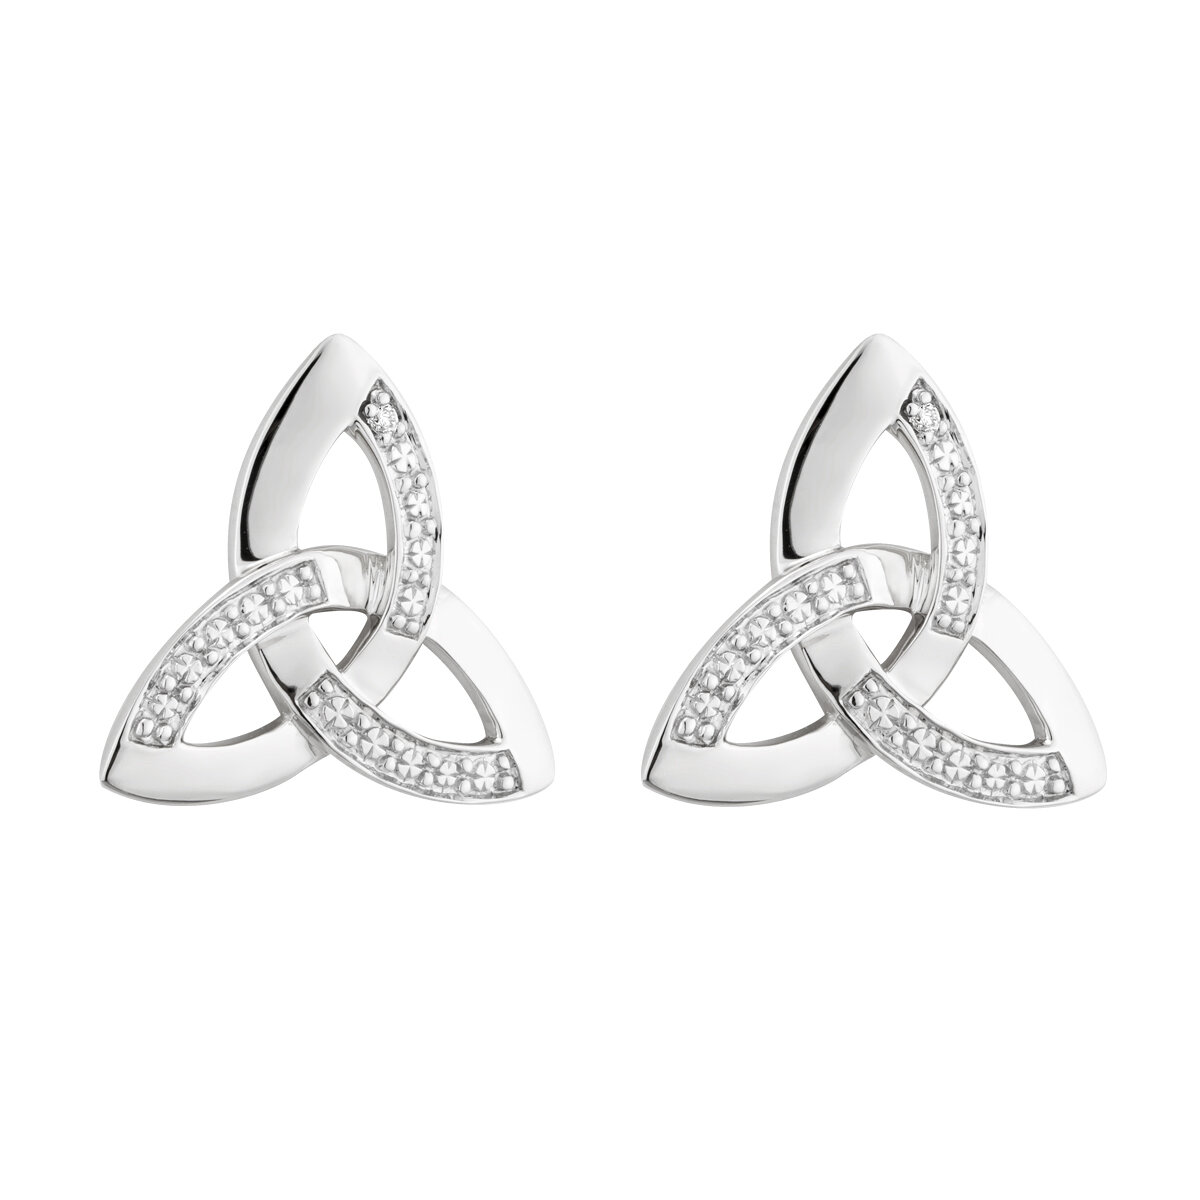 14K white gold diamond trinity knot stud earrings s33102 from Solvar